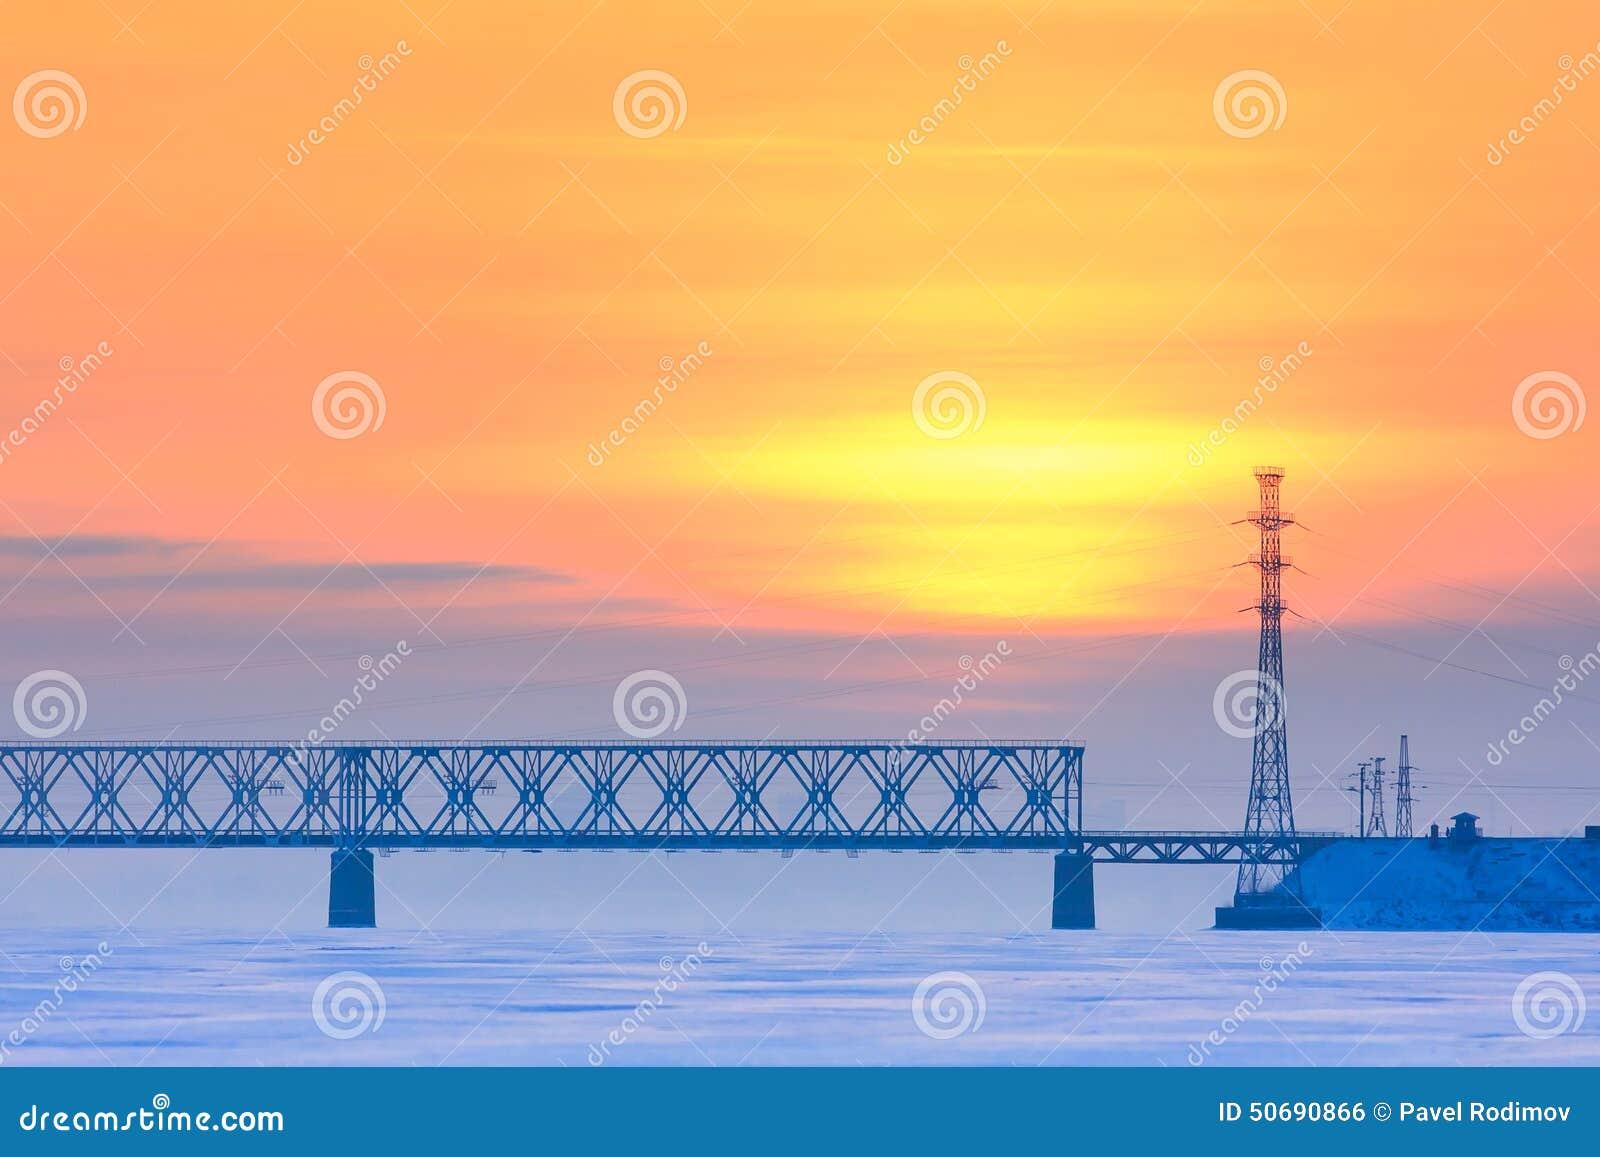 Download 在一条冻河的铁路桥 库存照片. 图片 包括有 蓝色, 本质, 贿赂, 旅行, 冬天, 冷静, 日落, 铁路 - 50690866